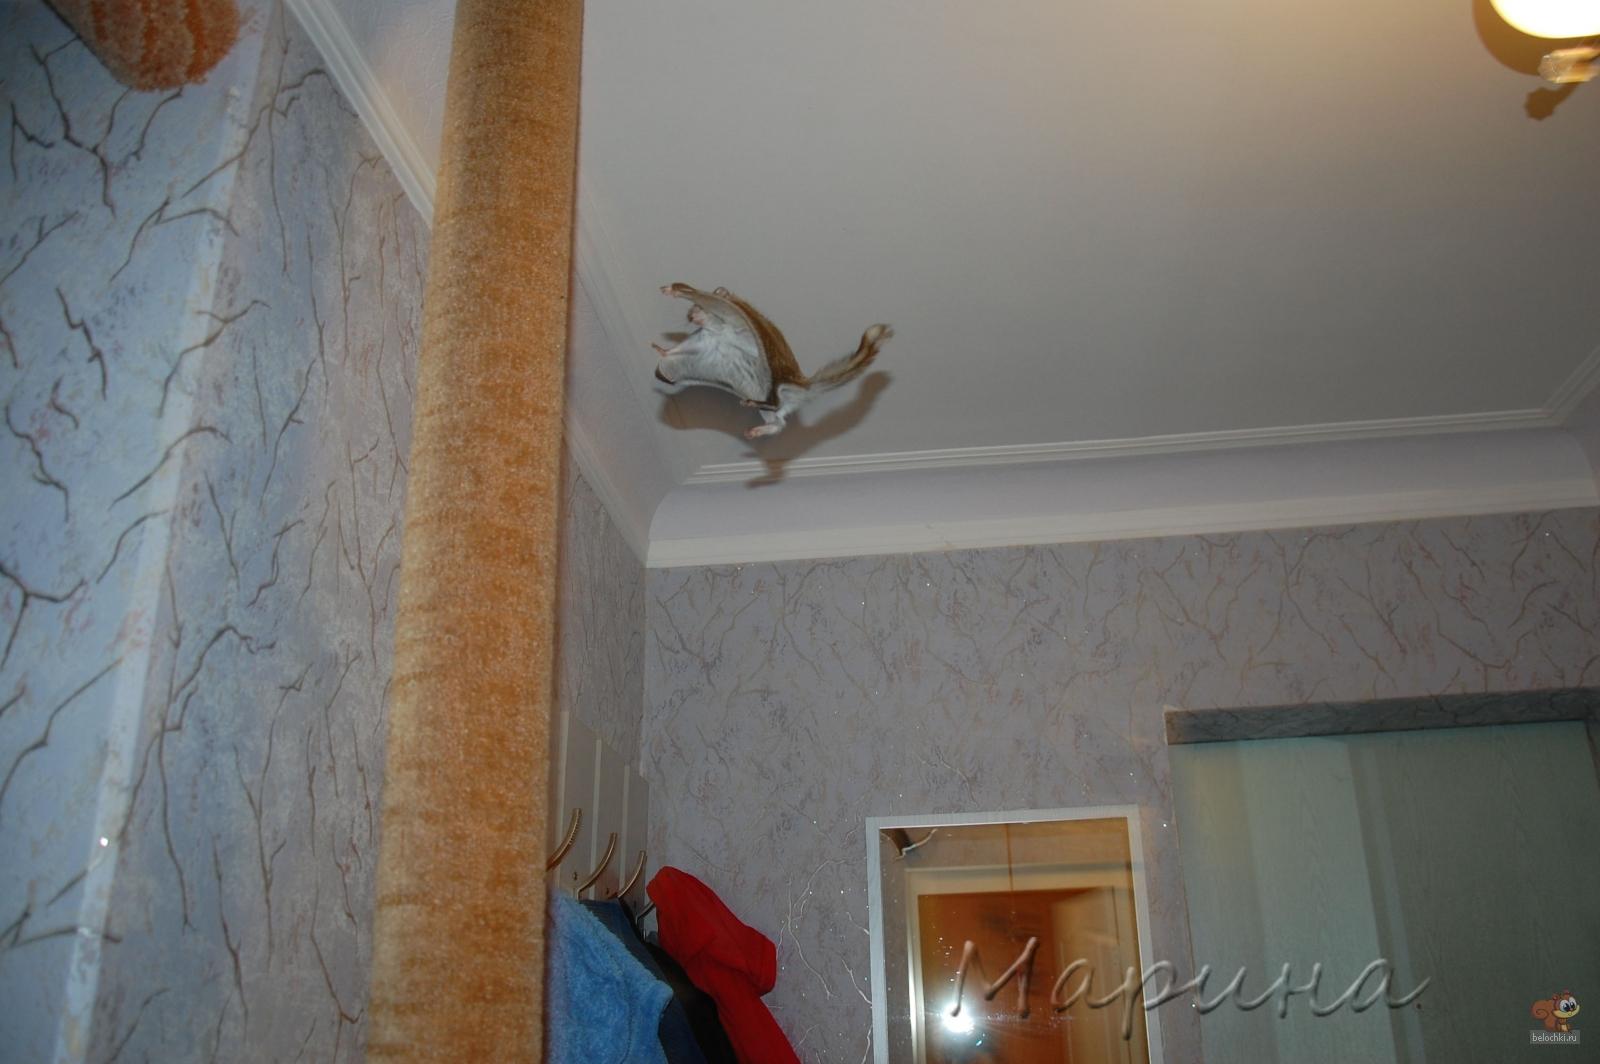 gallery_7524_284_15807.jpg